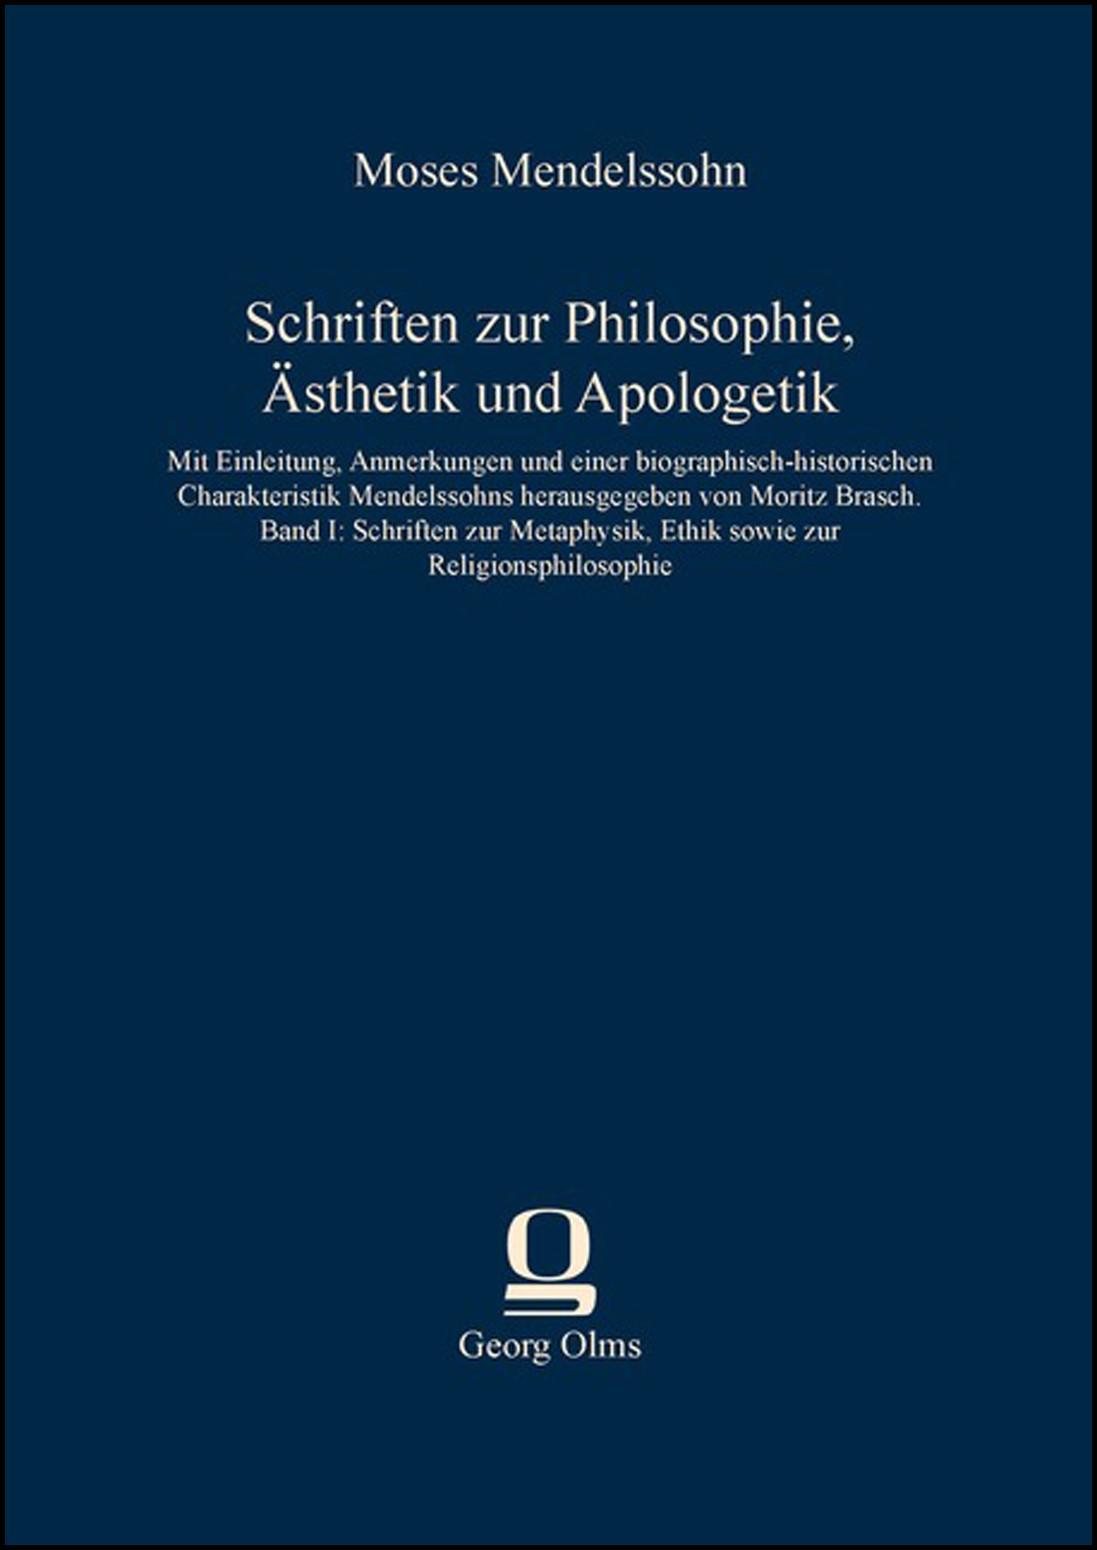 Abbildung von Mendelssohn | Schriften zur Philosophie, Ästhetik und Apologetik | 2013